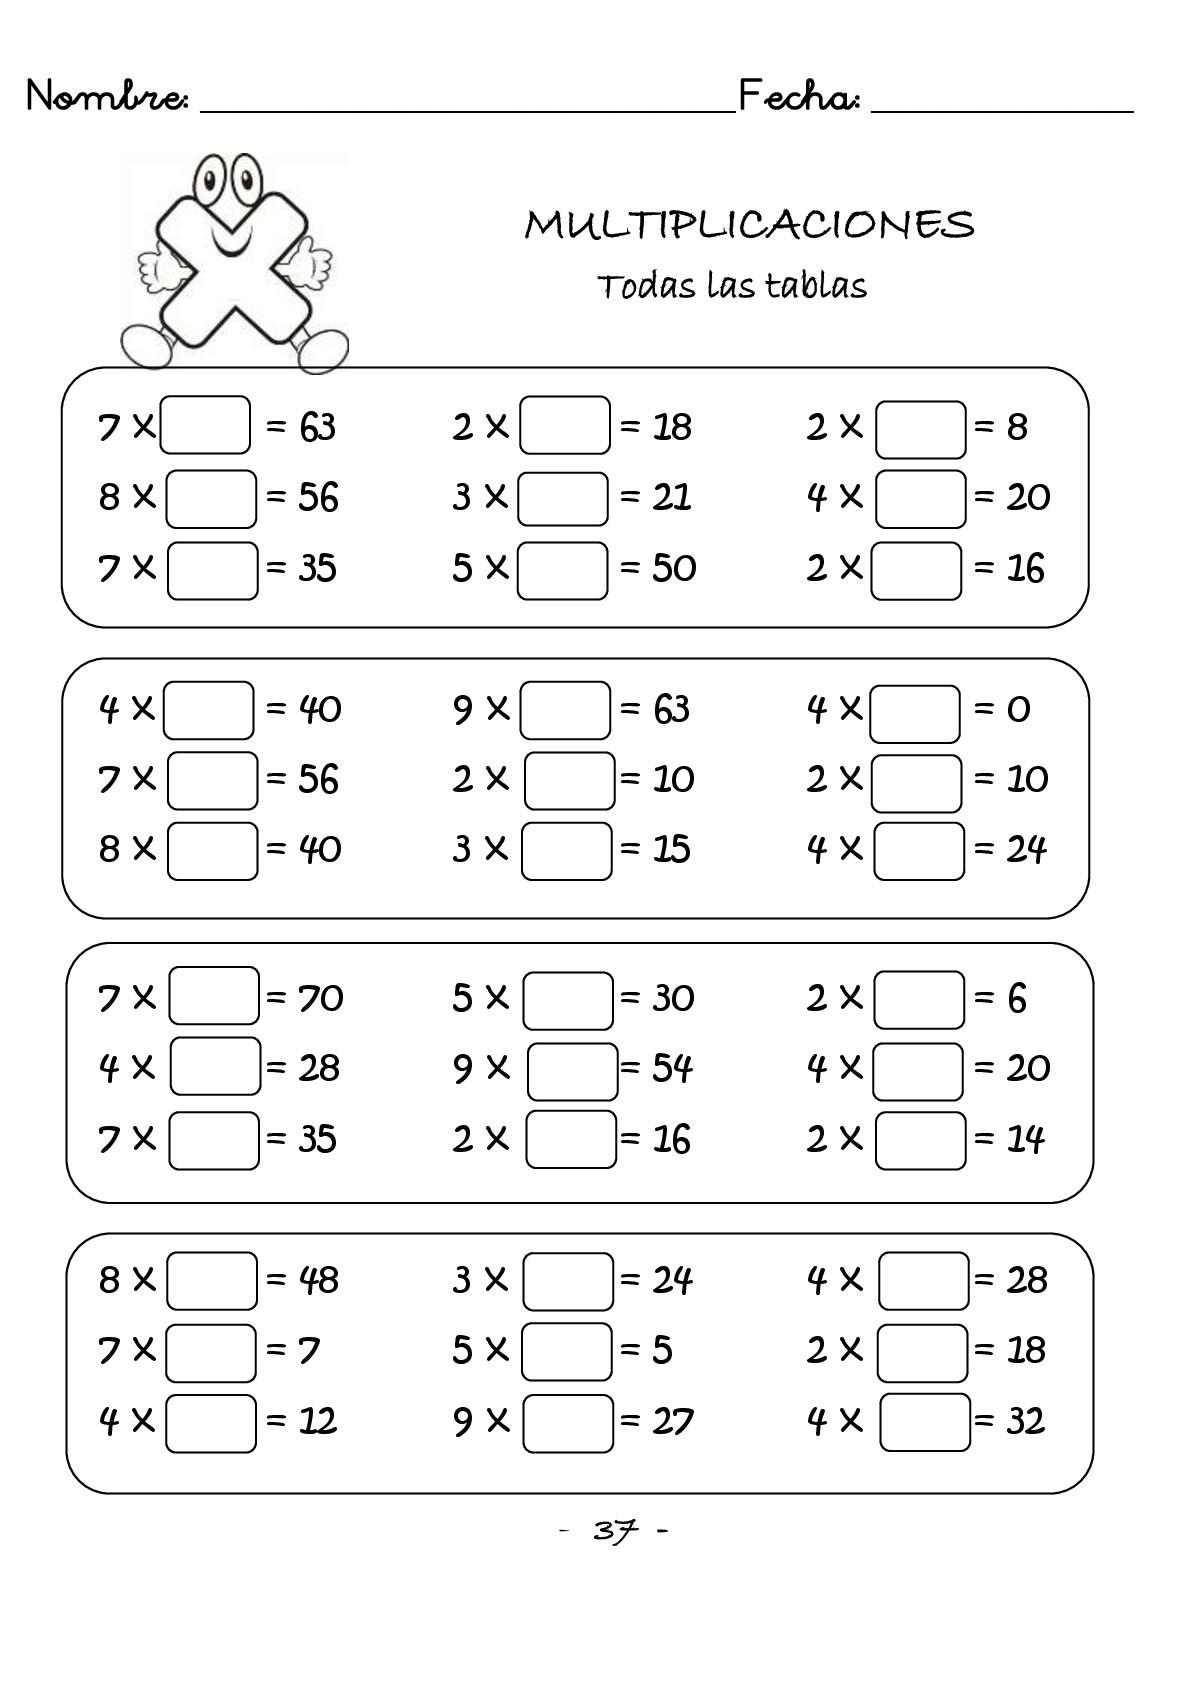 multiplicaciones-rapidas-una-cifra-protegido-038